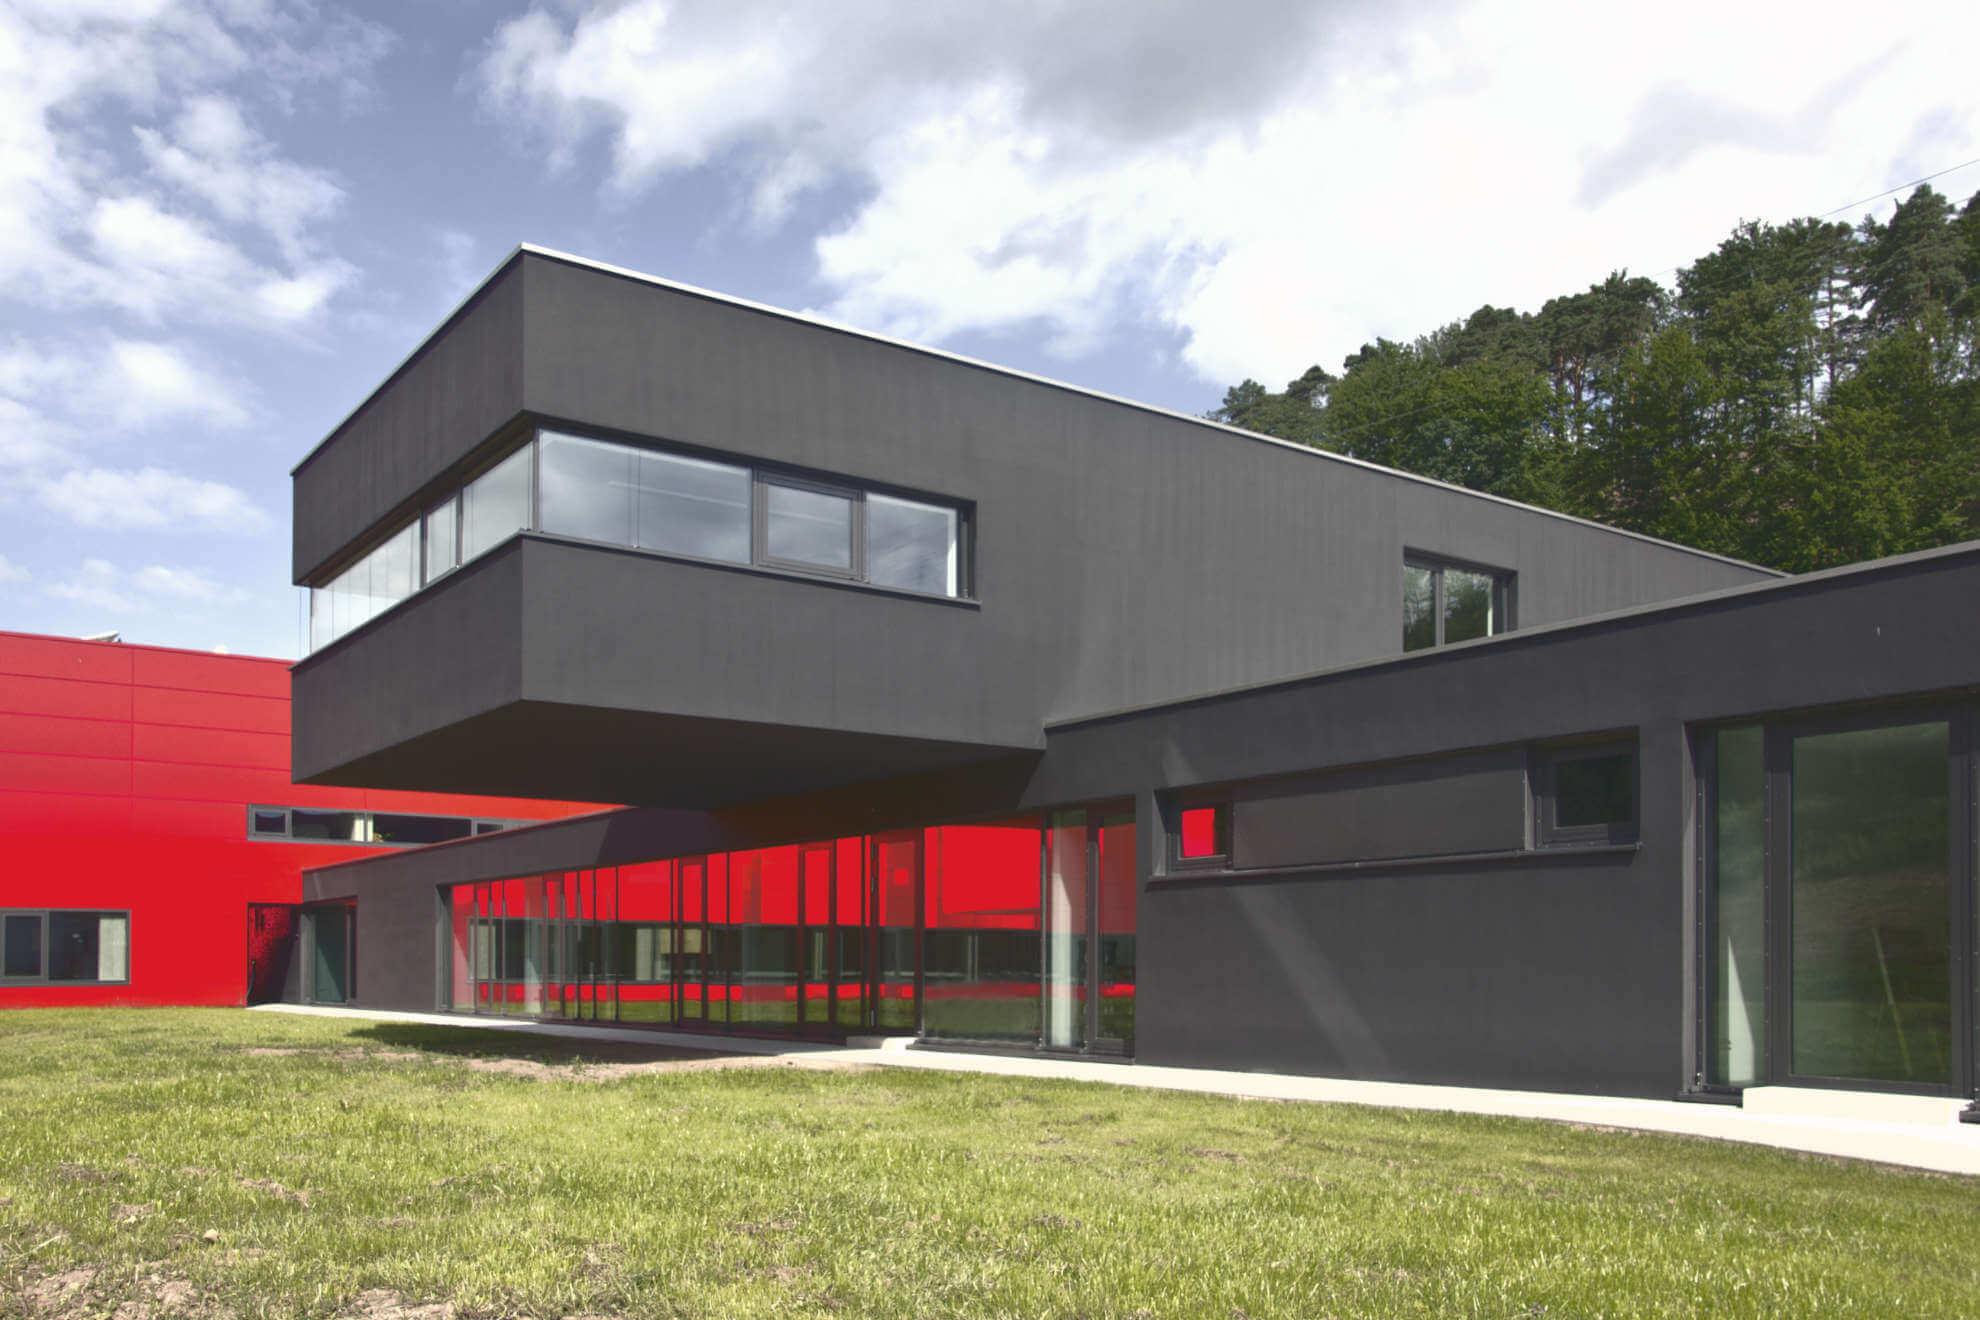 smz-a-14-marcbetz architekten